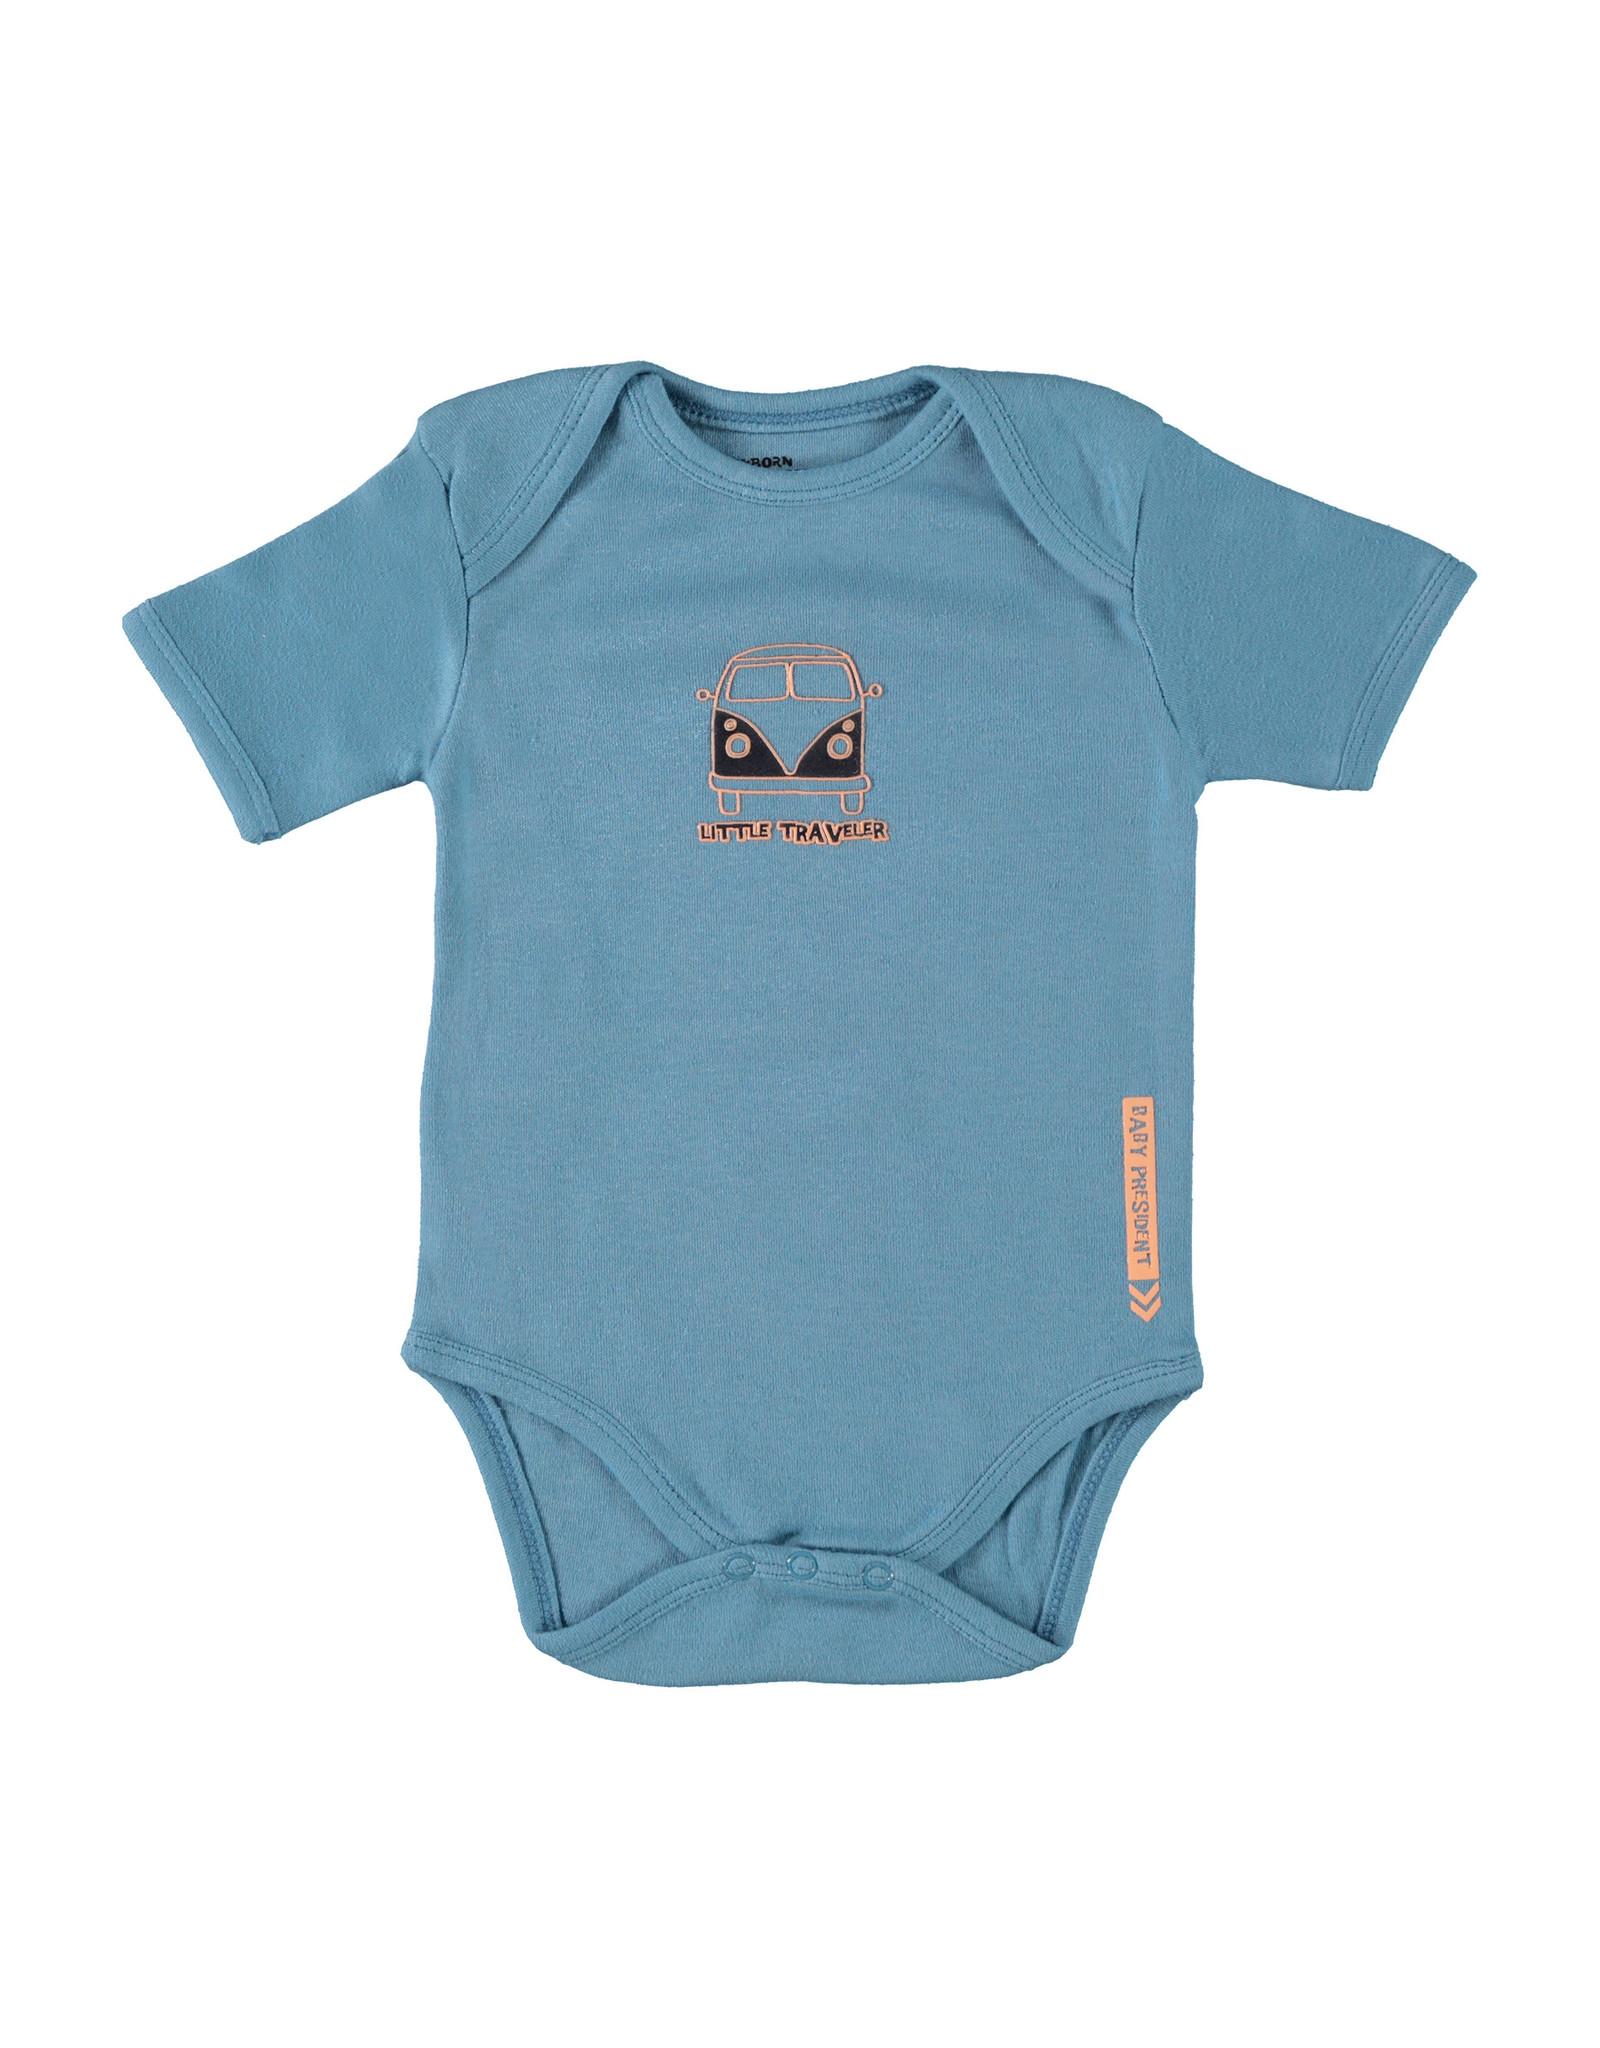 4President 4President newborn baby jongens romper River Middle Blue